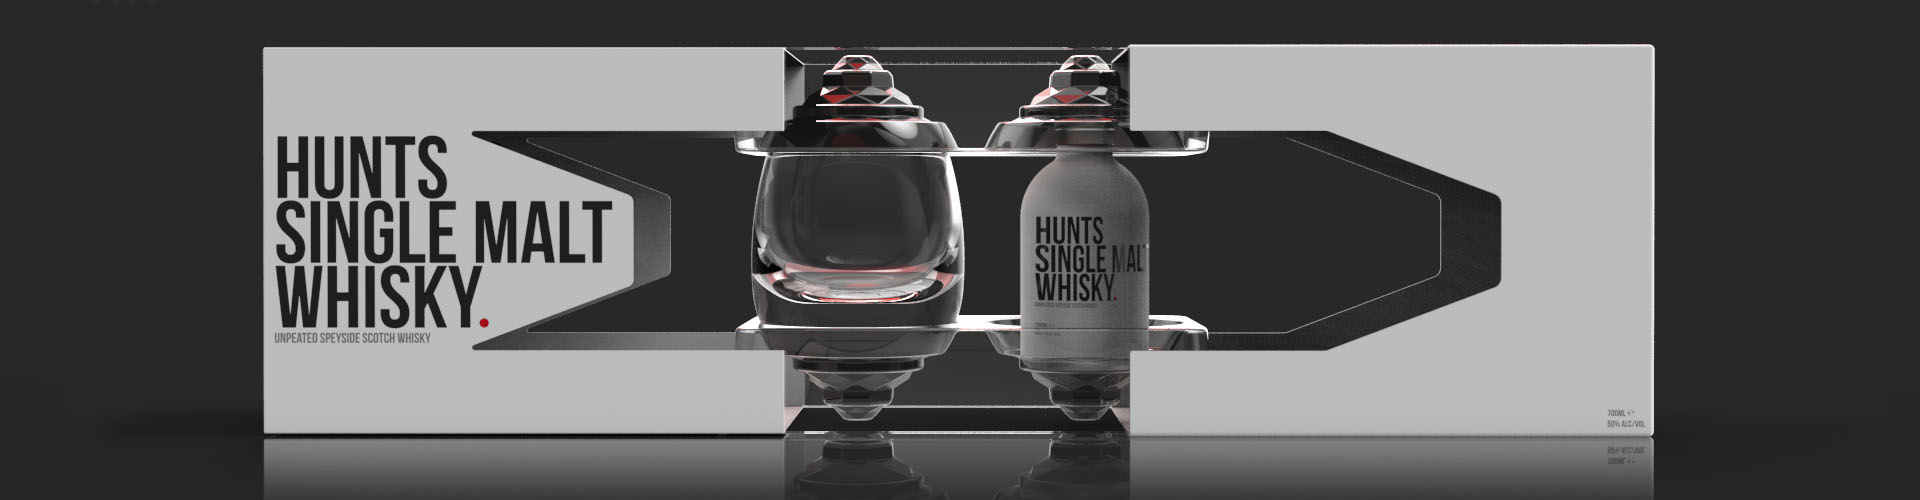 Hunts Whisky